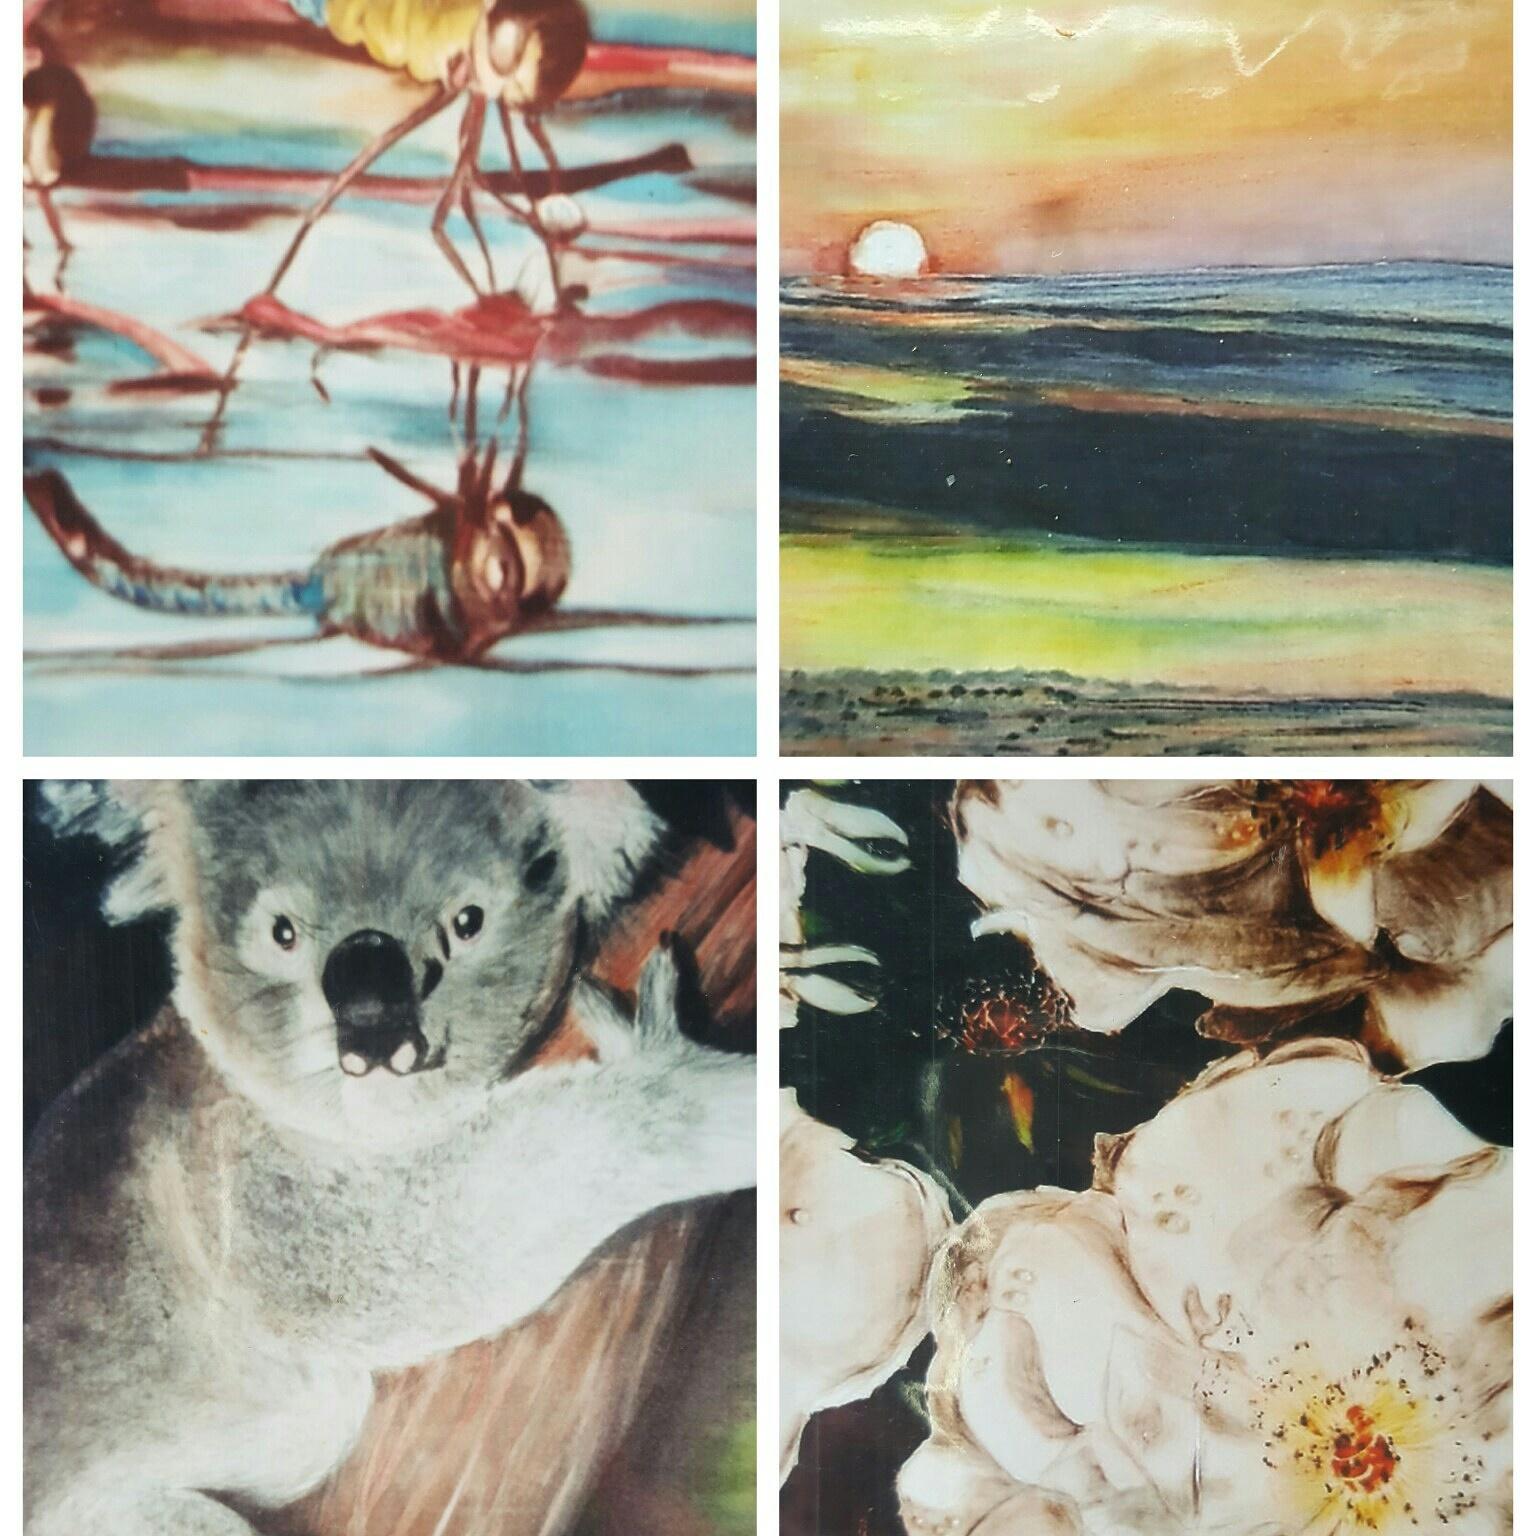 Fotokaarten van handbeschilderde zijde schilderijen.